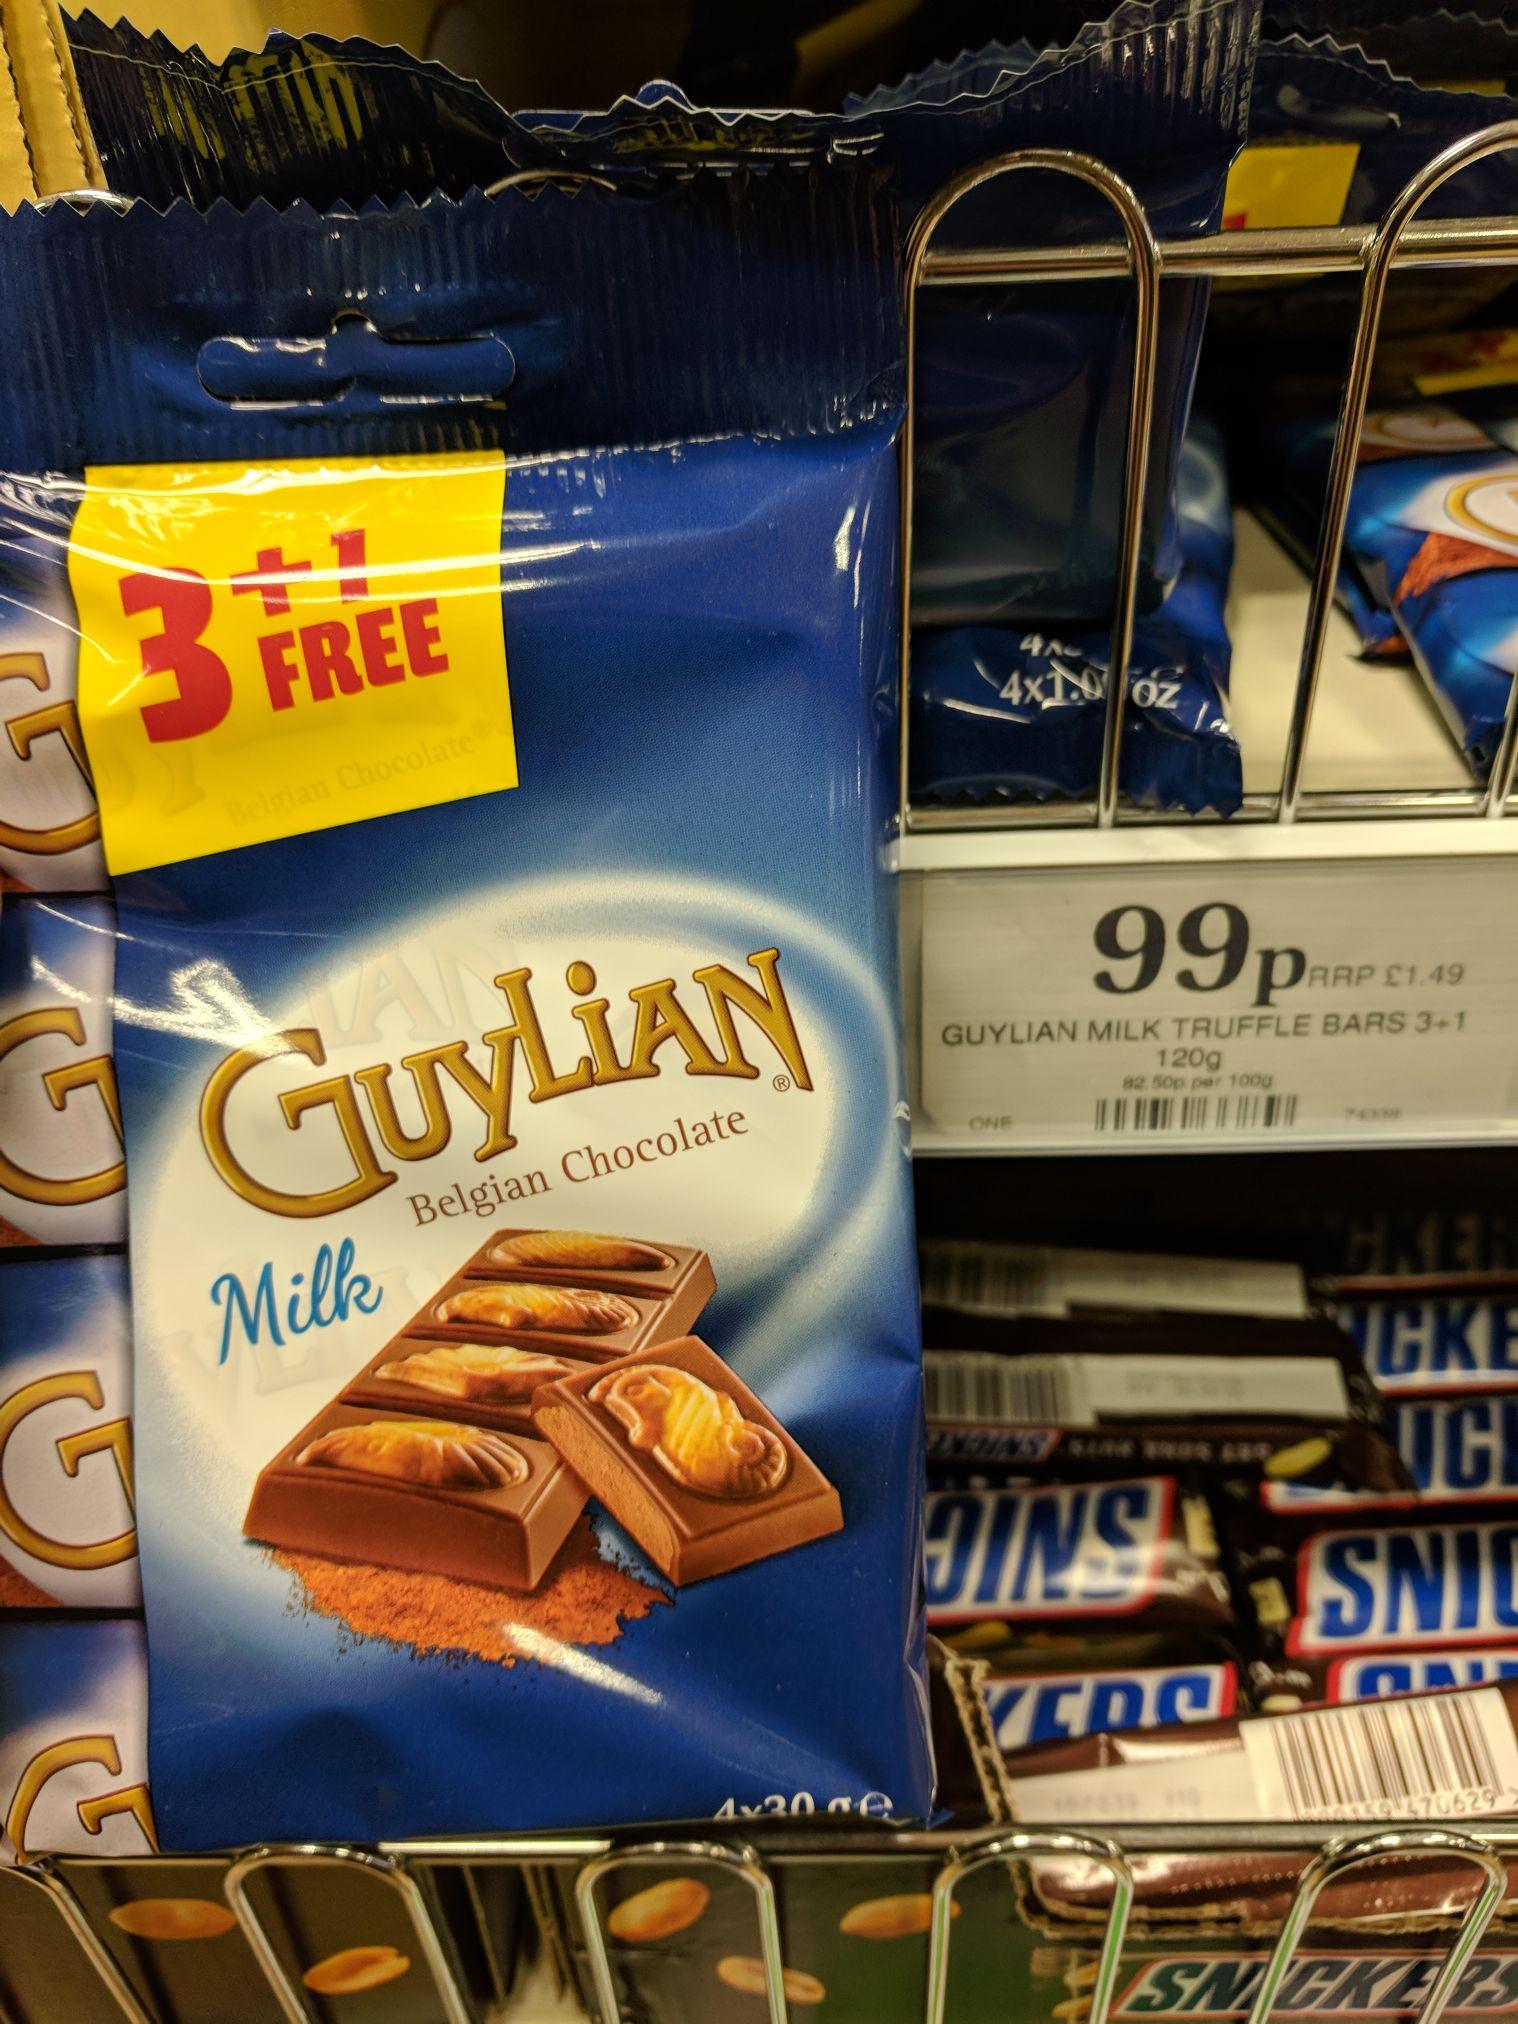 Guylian milk truffle bars 4 pack only 99p @ Home Bargains